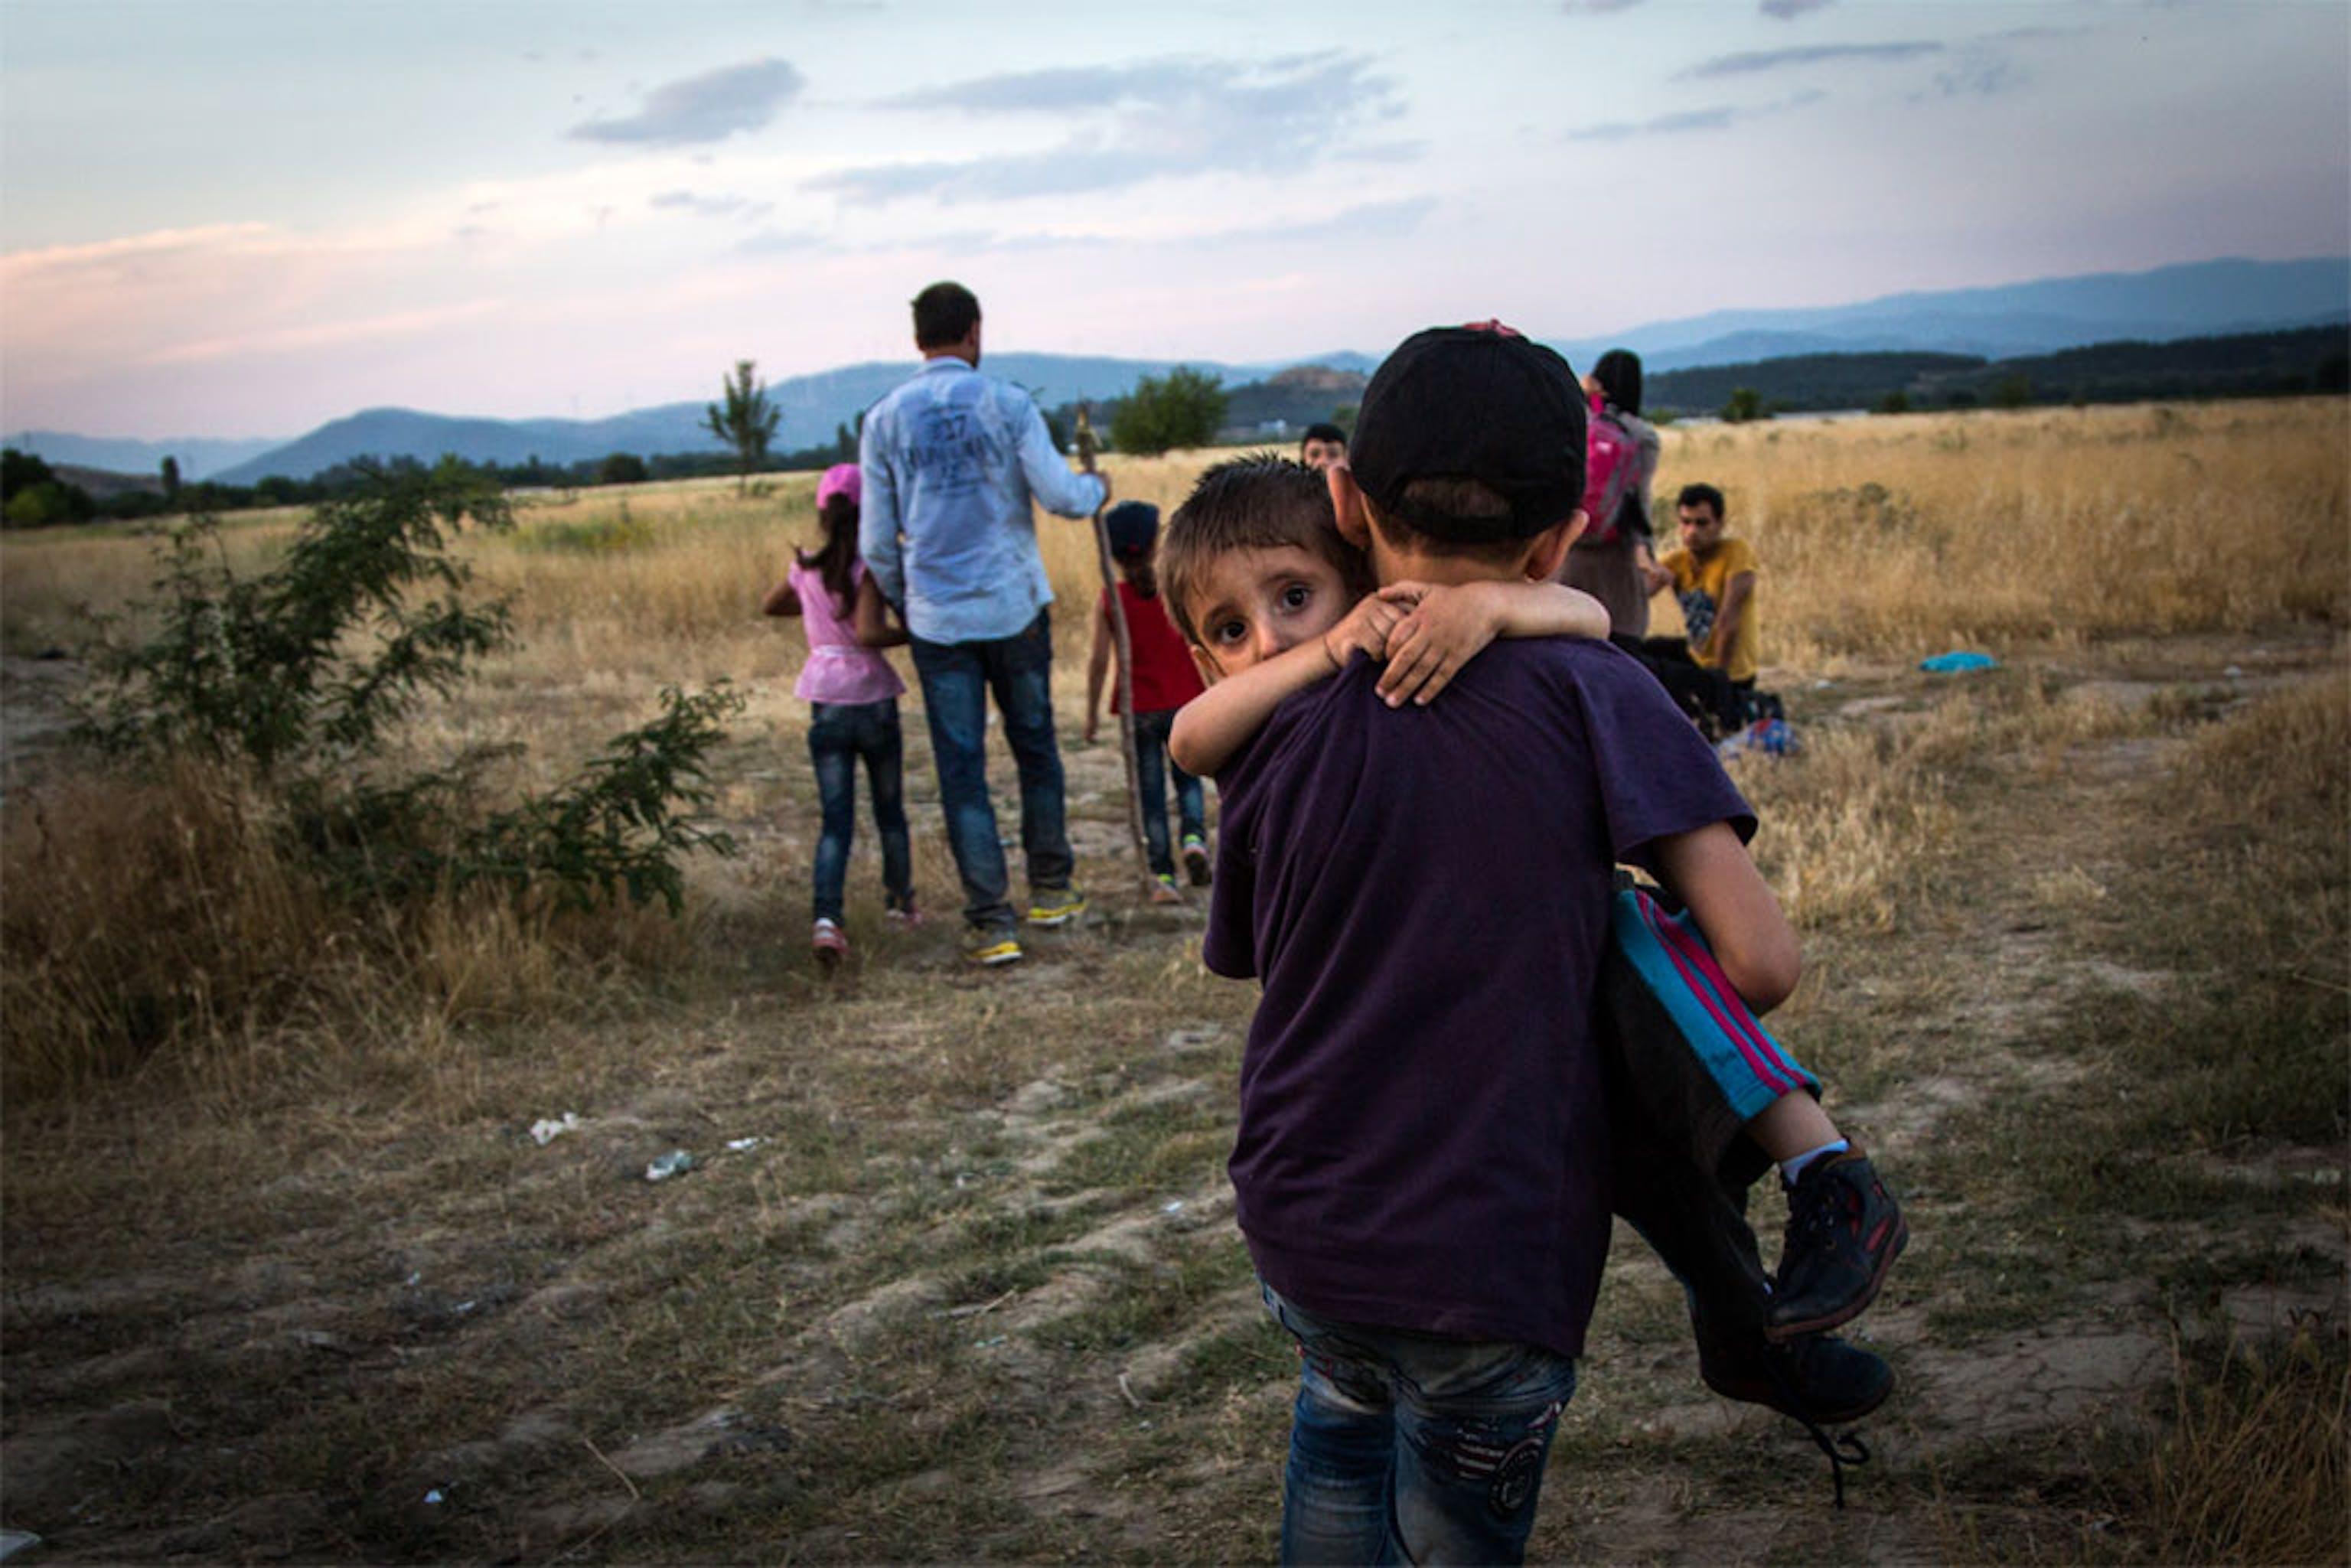 Profughi siriani alla frontiera tra Macedonia e Grecia - ©UNHCR/2015/A. McConnell